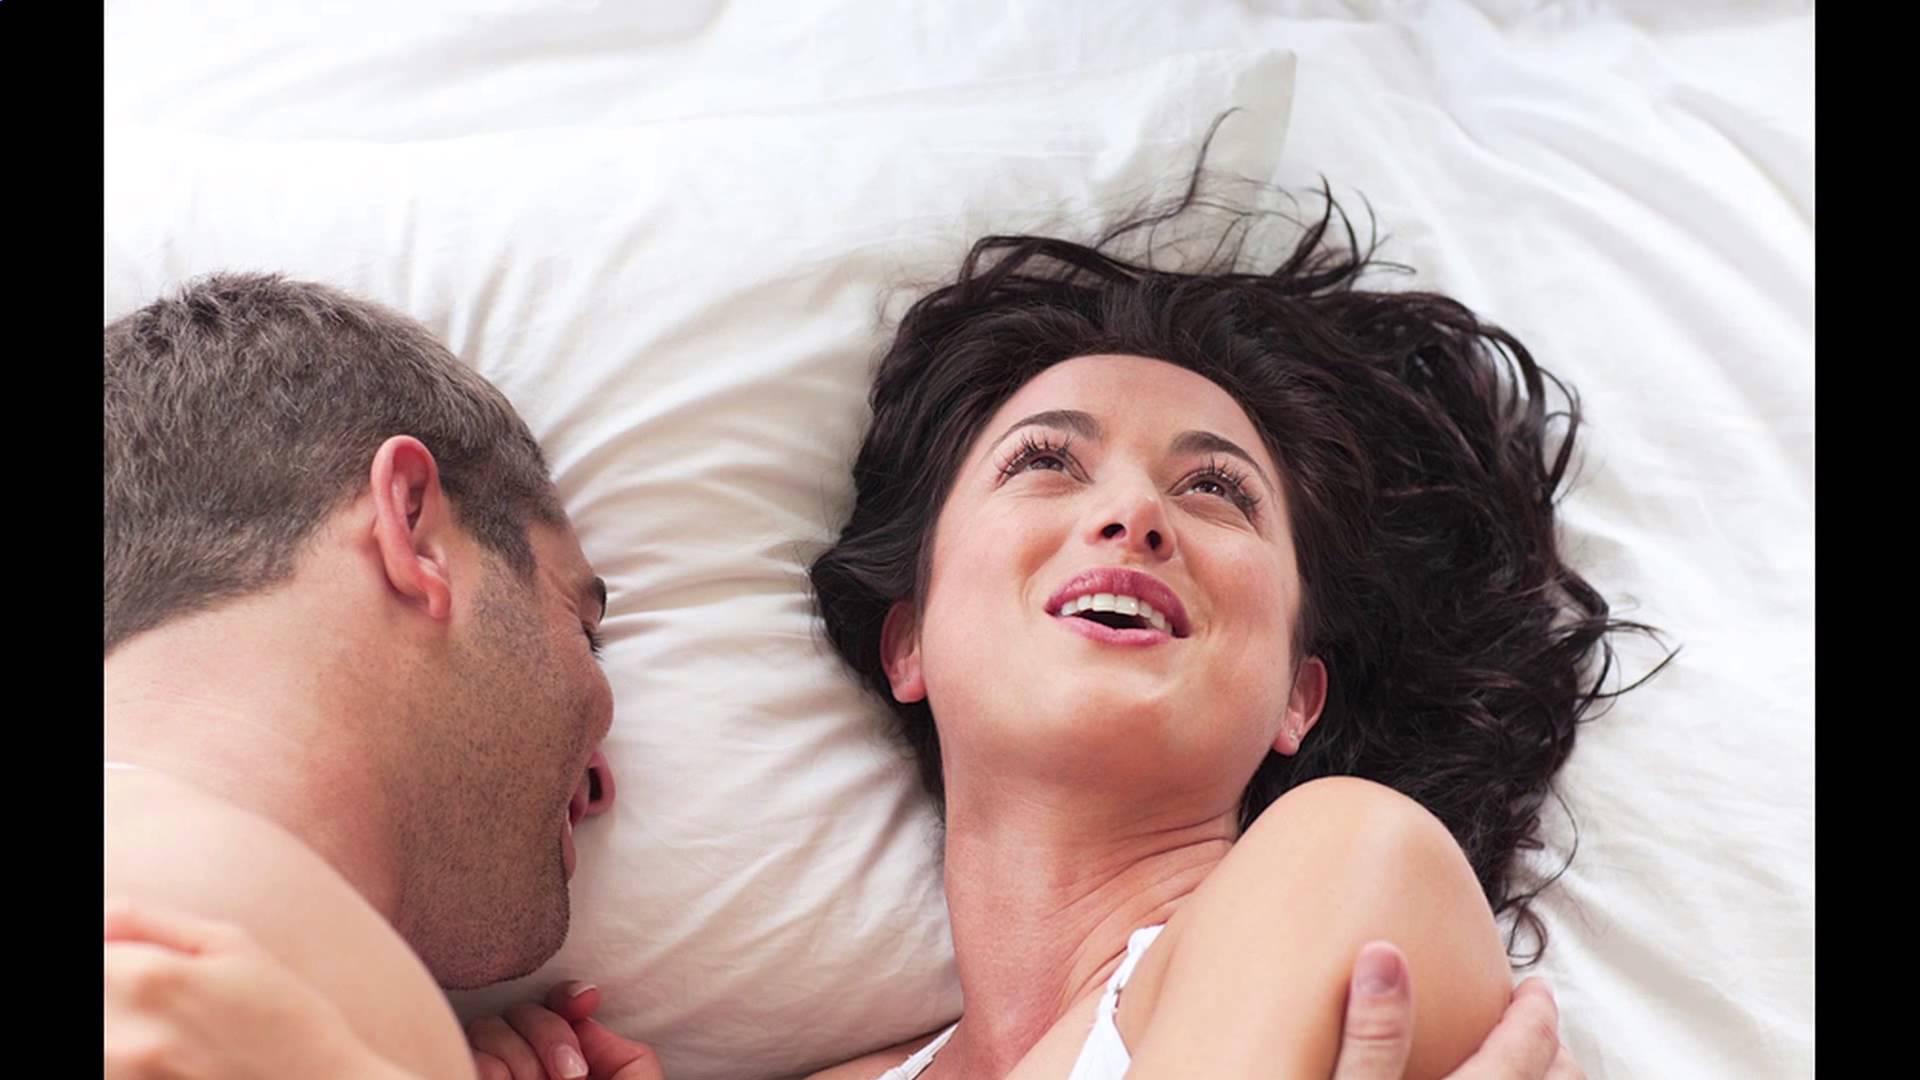 Секс удовлетворение женщины в возрасте 31 фотография